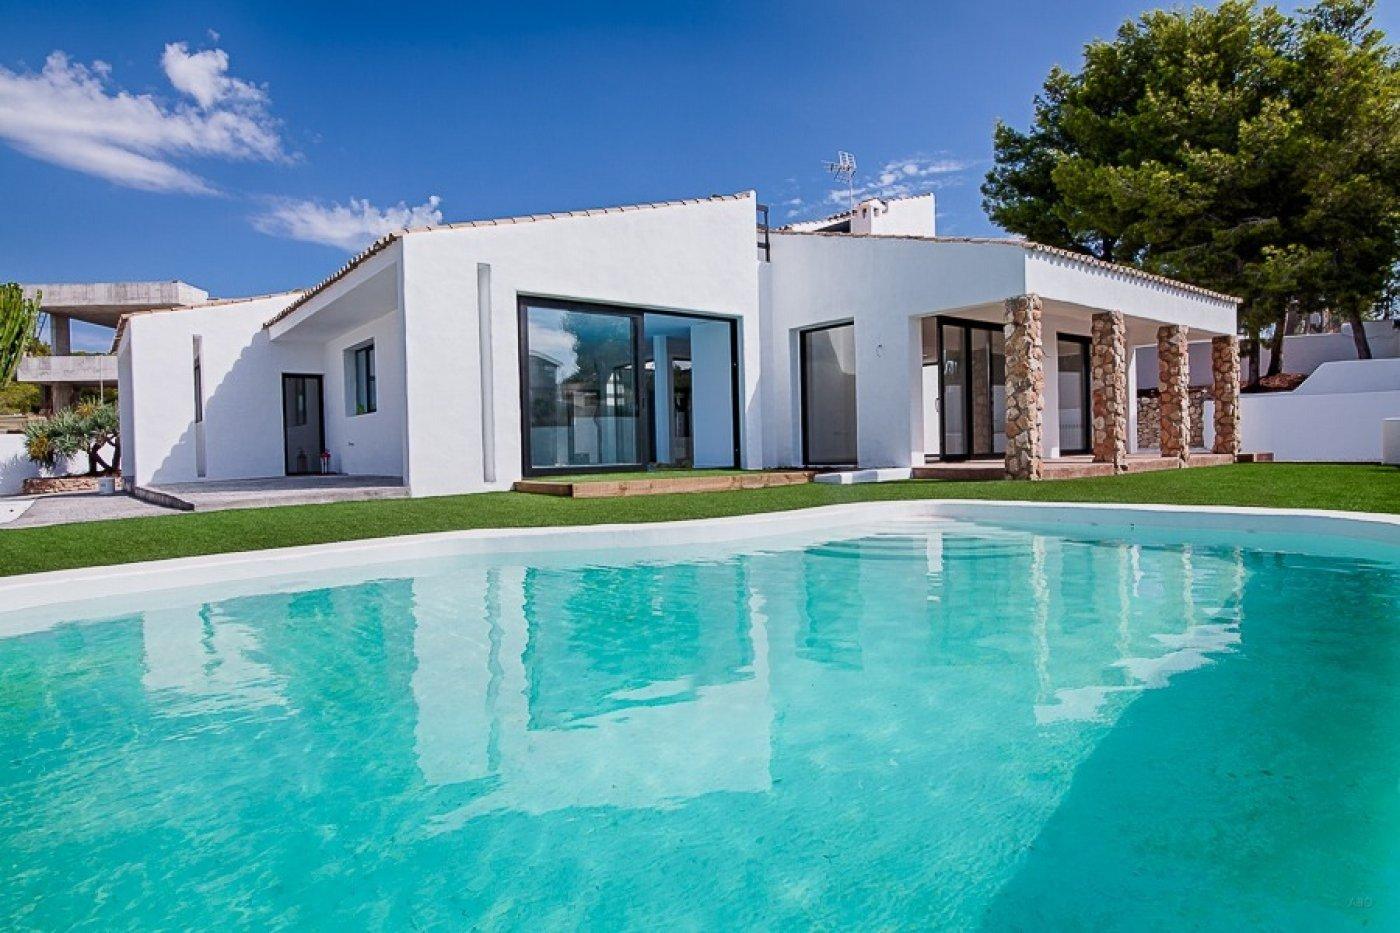 villa en benissa-costa · fanadix 685000€